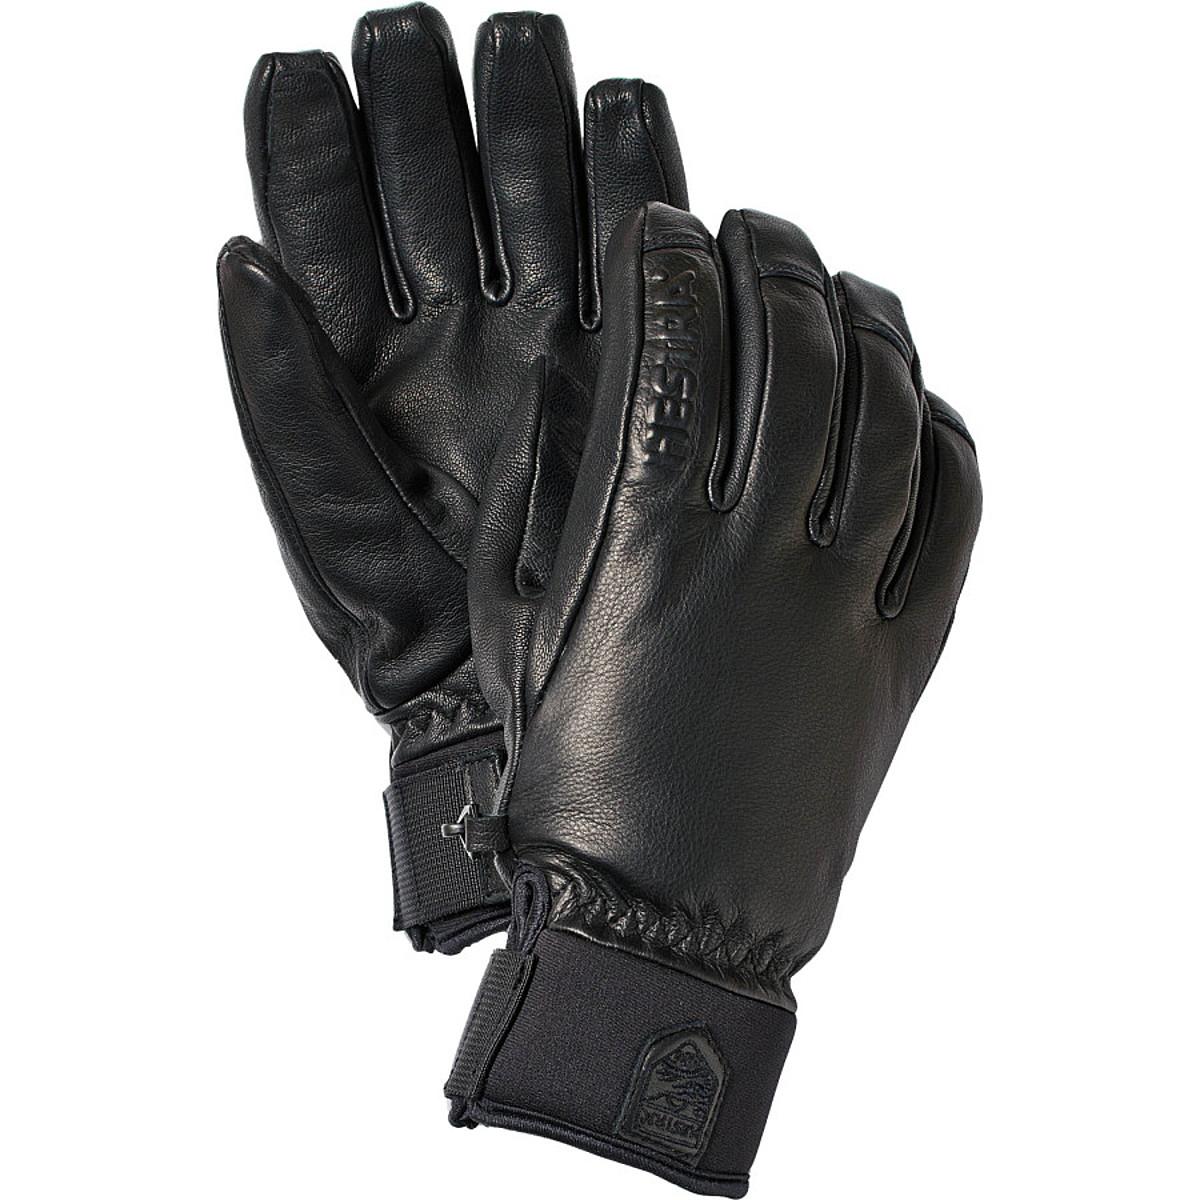 photo: Hestra Touch Glove glove/mitten